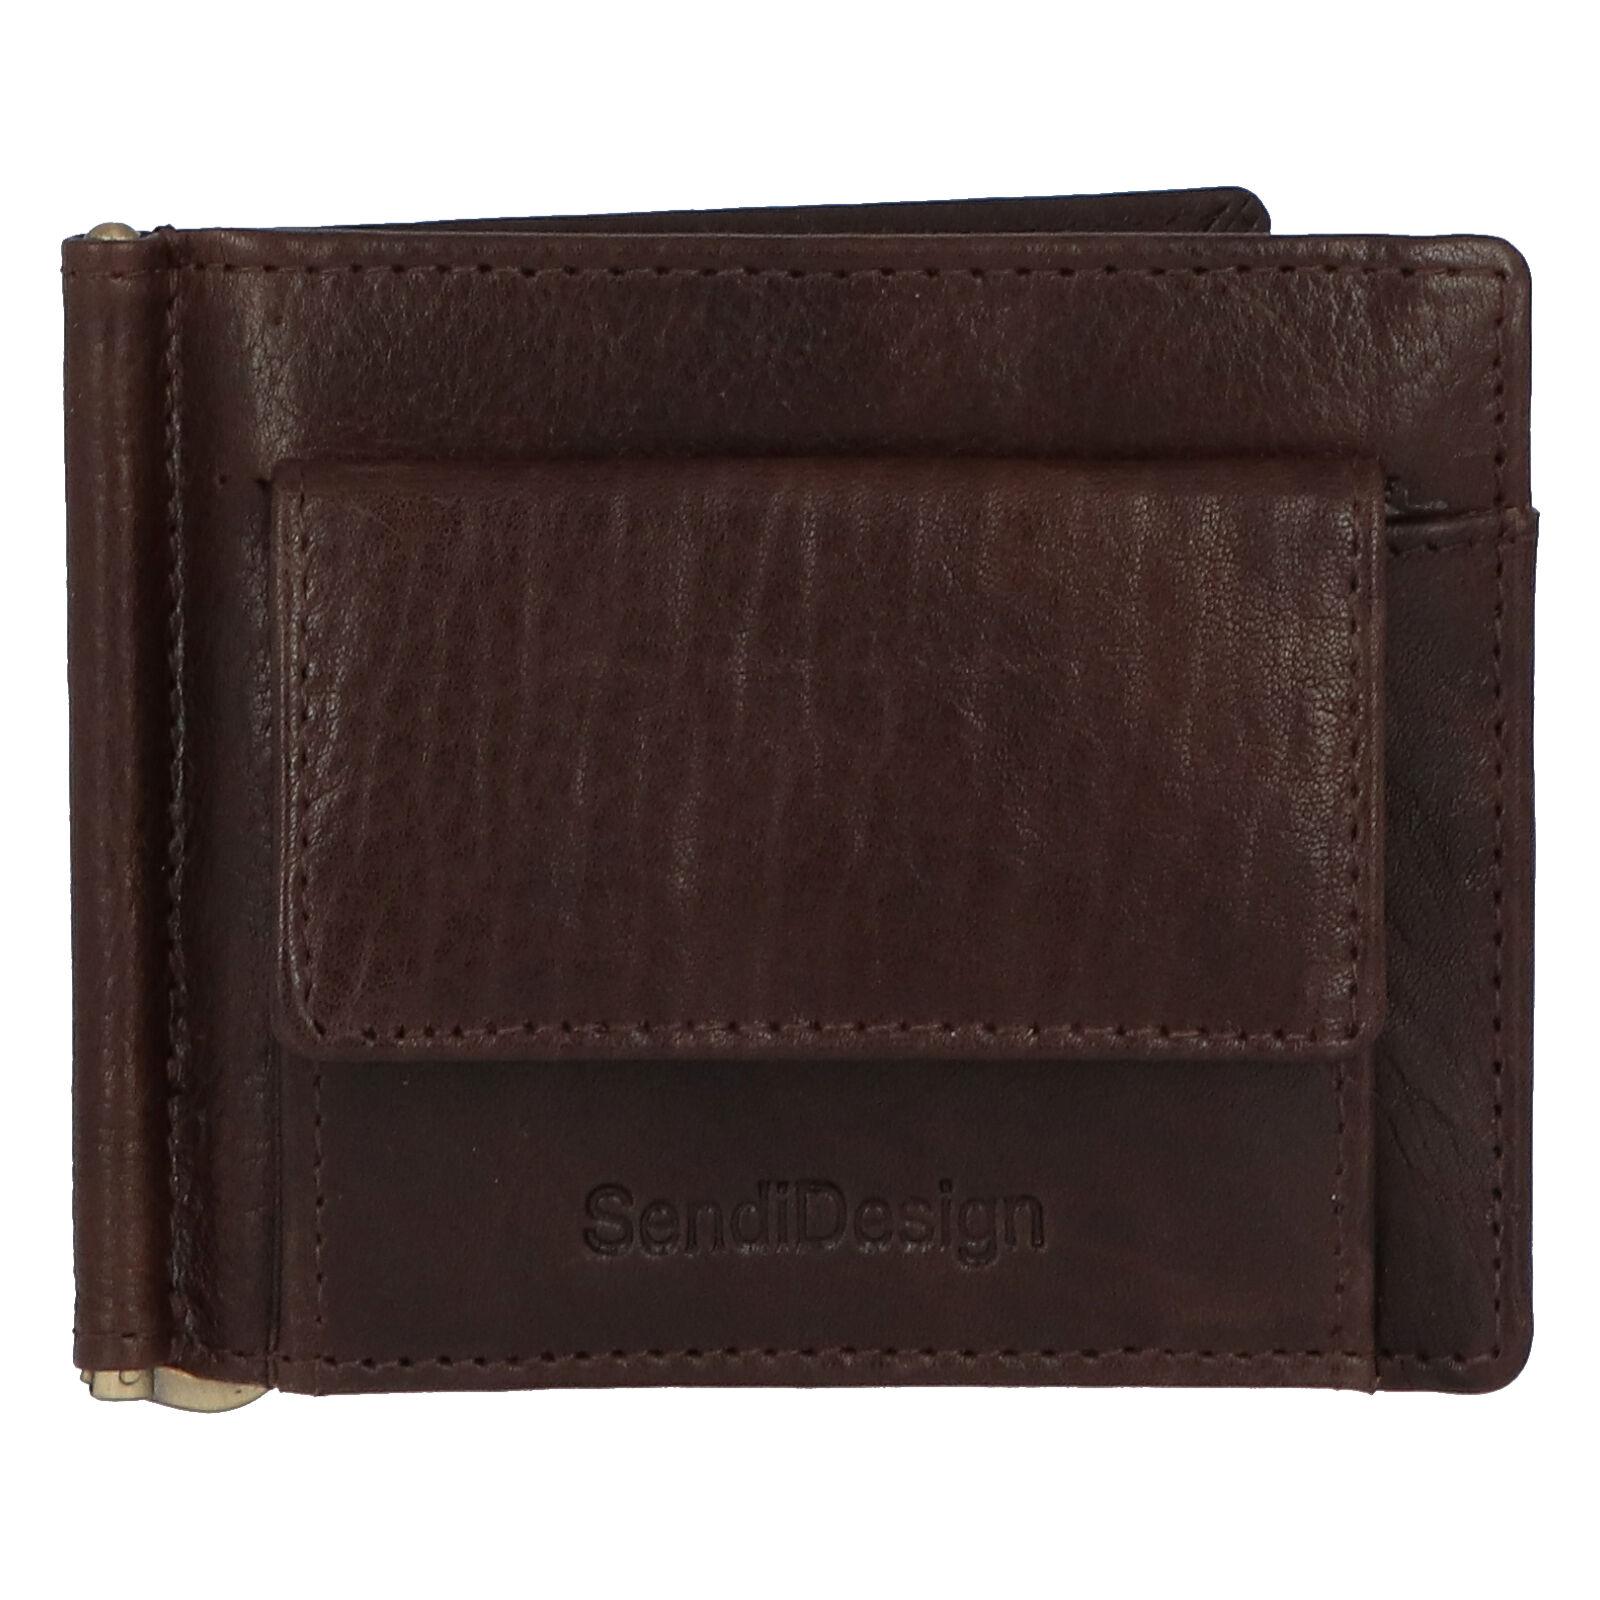 Pánská kožená dolarovka hnědá - SendiDesign Rtex Dark